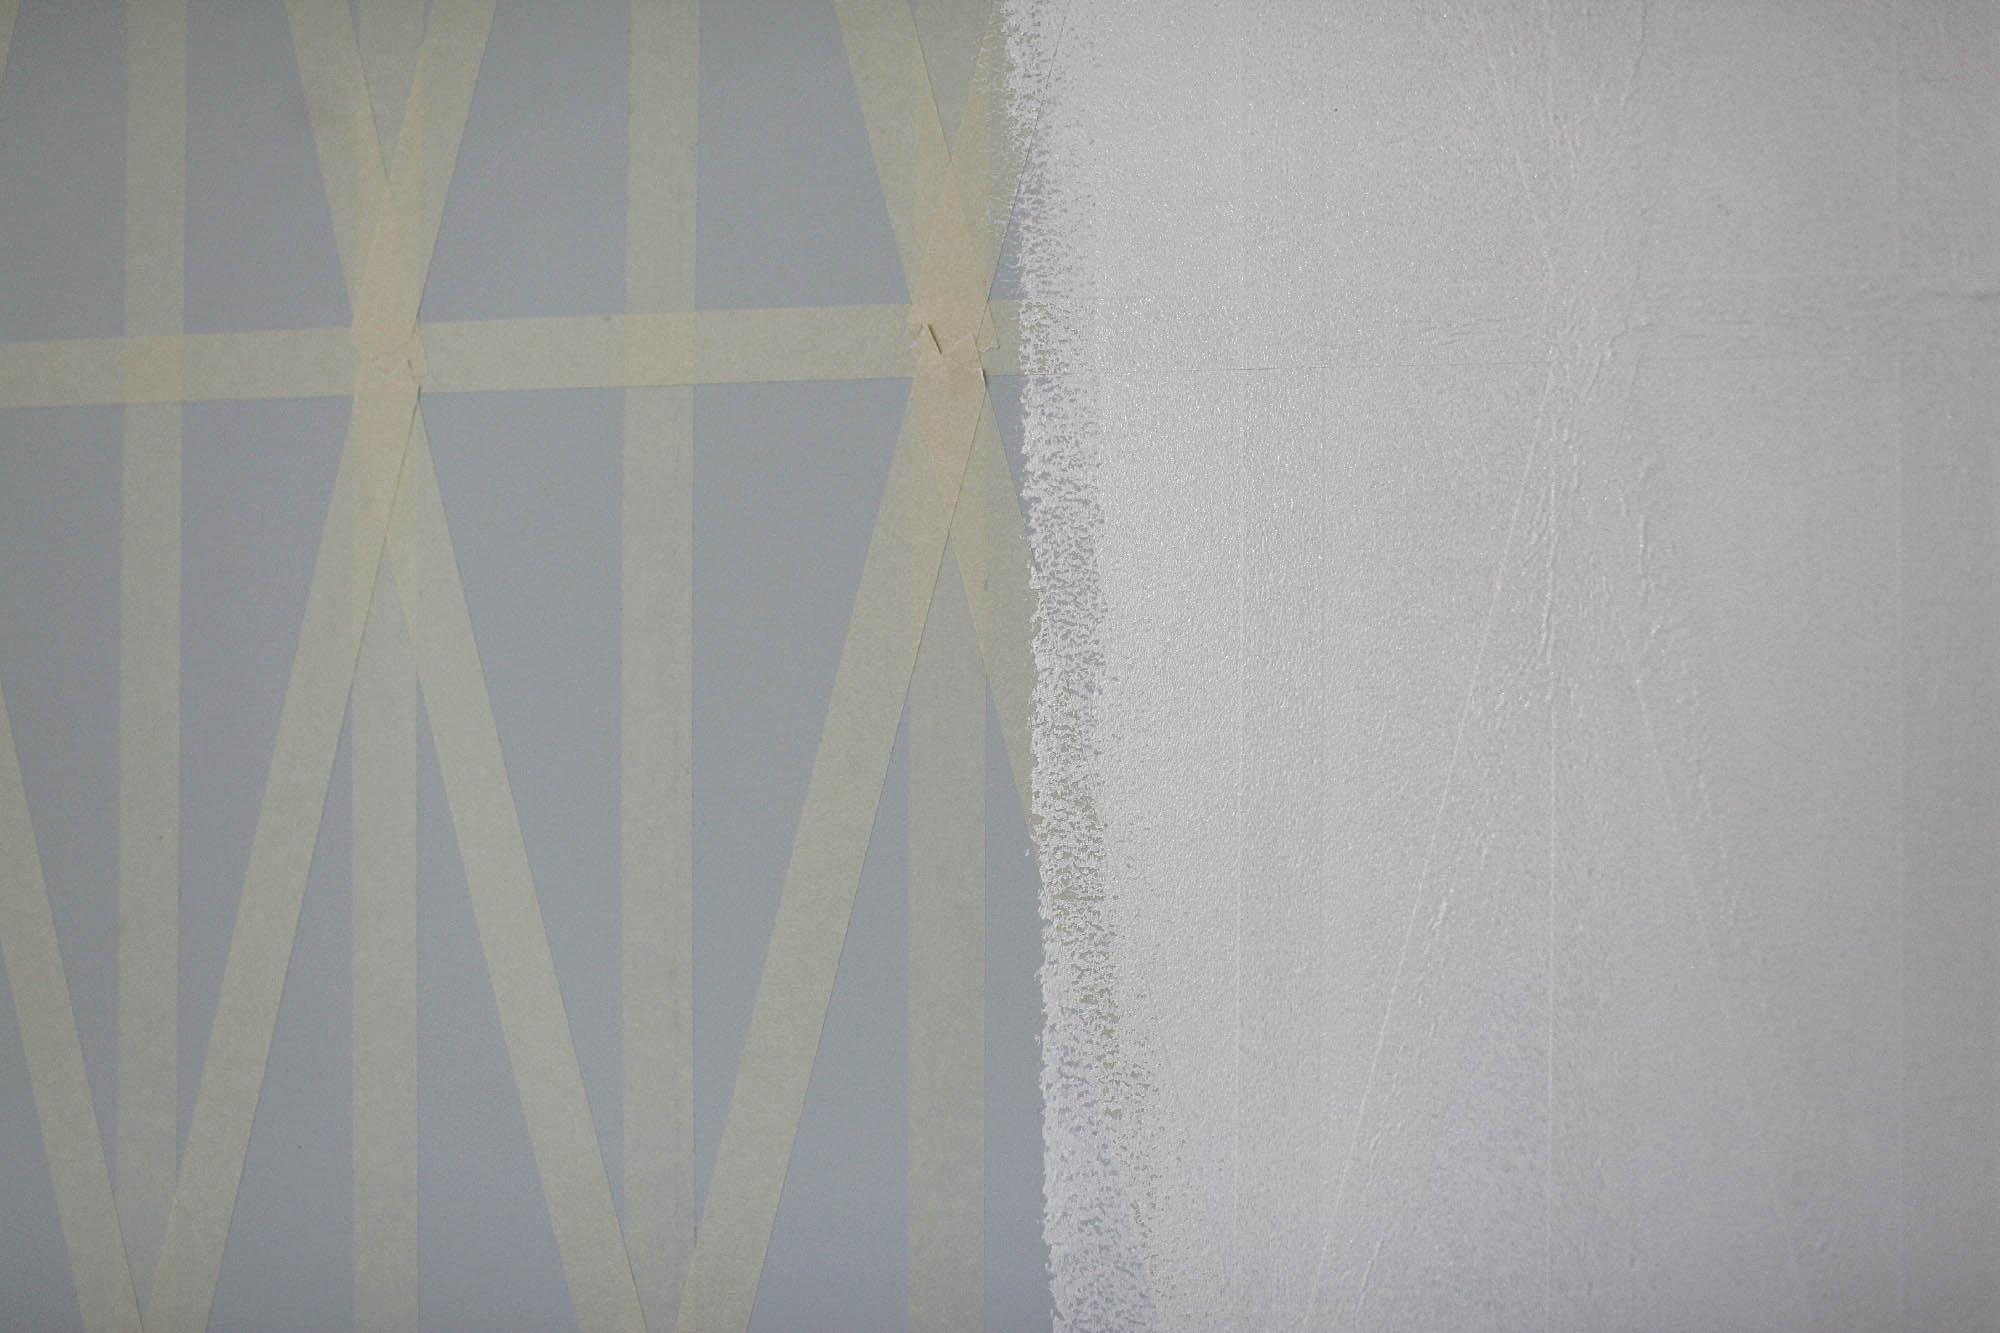 Anna_Lidström_DIY_wall_Paint2.JPG